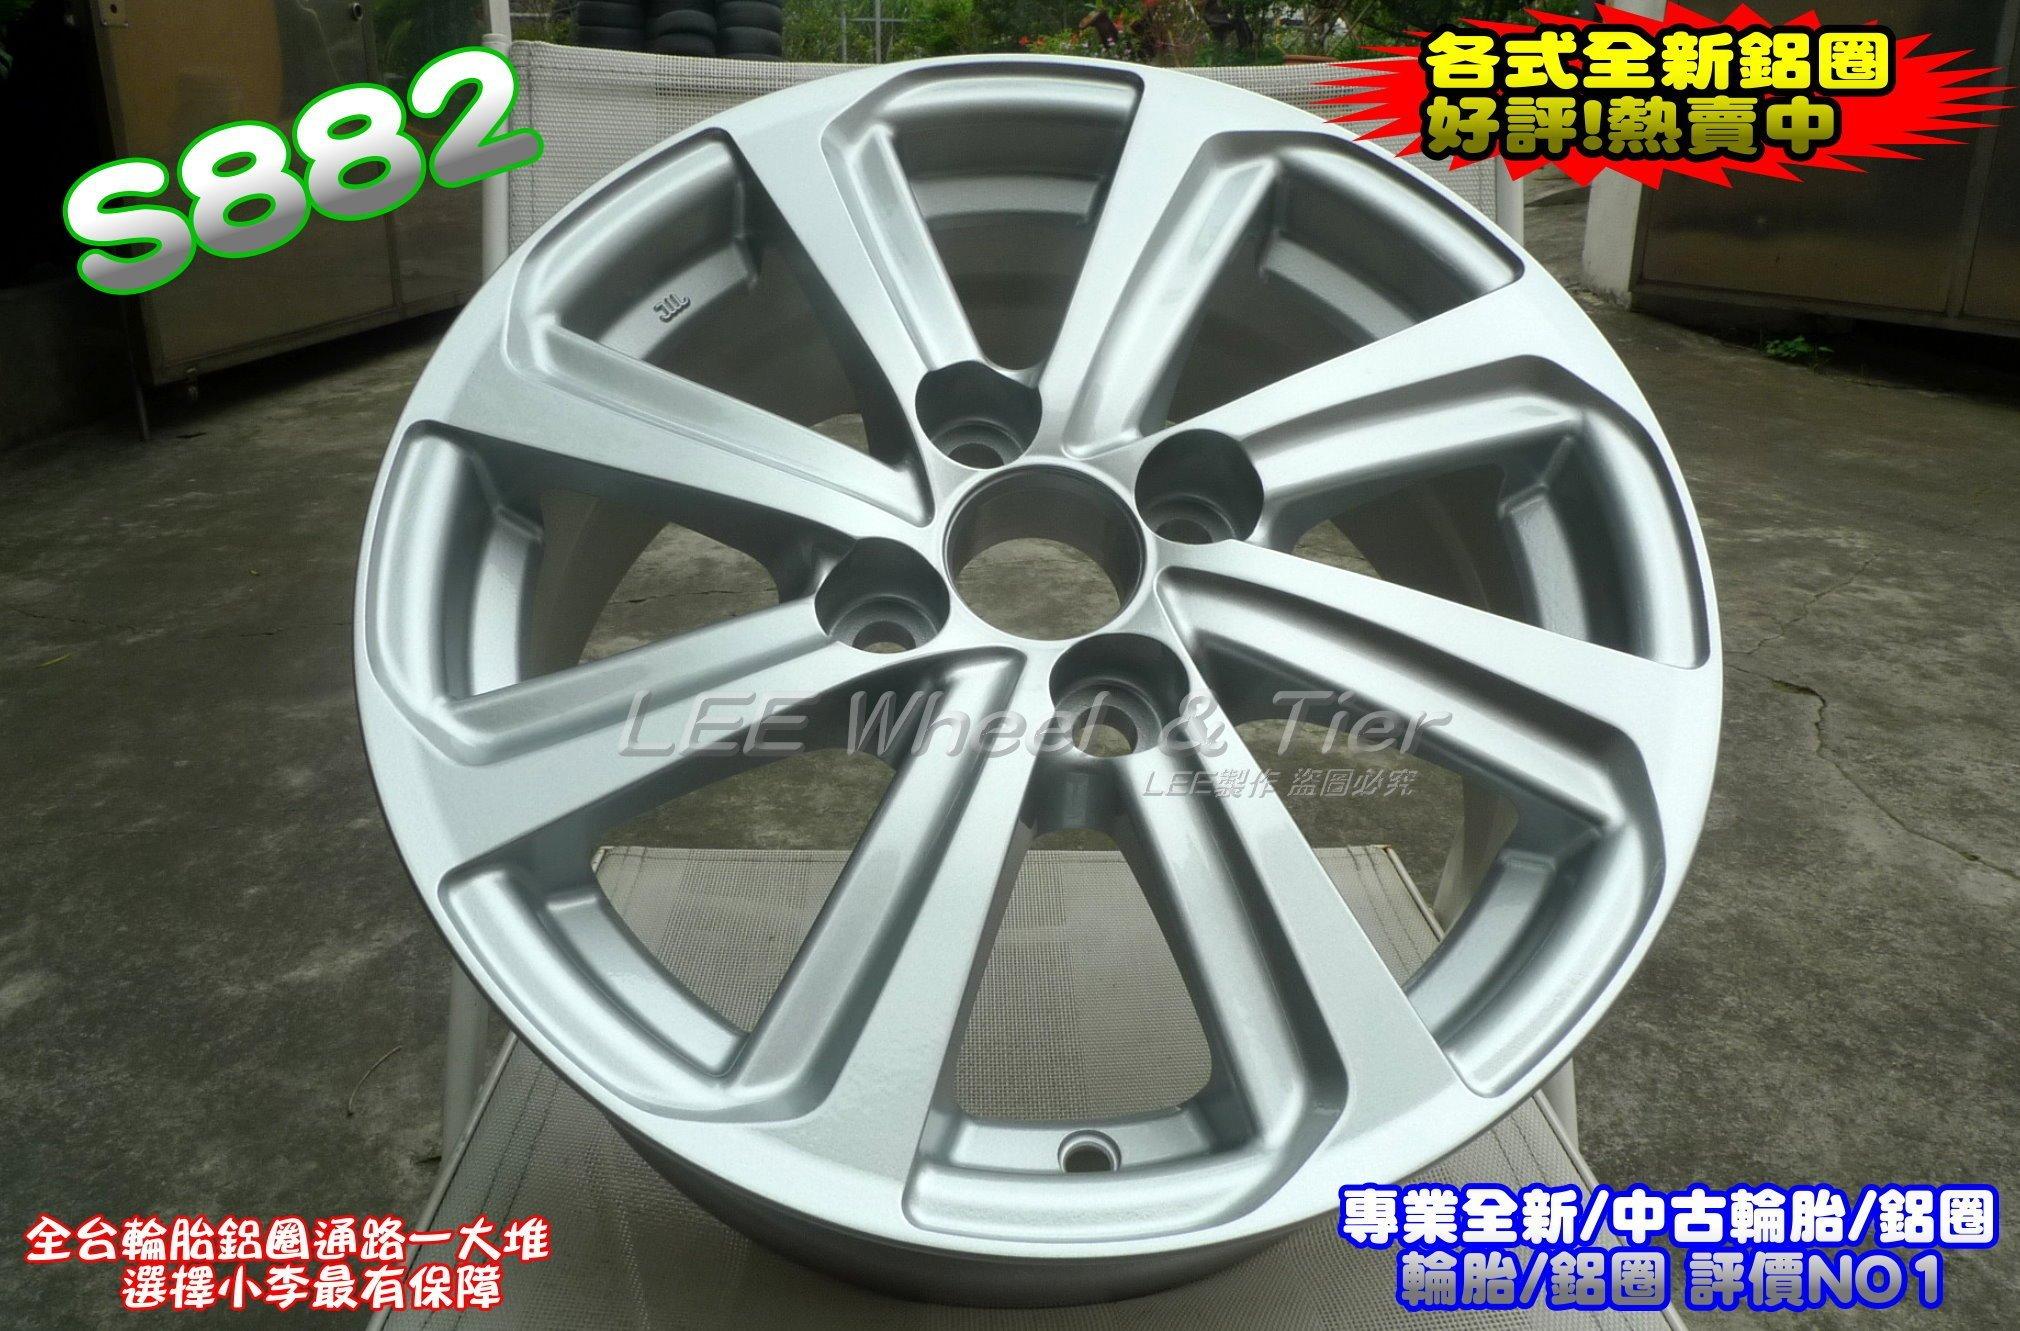 小李輪胎 S882 14吋4孔100 類 TOYOTA 原廠鋁圈 豐田 鈴木 福特 現代 馬自達 VIOS YARIS